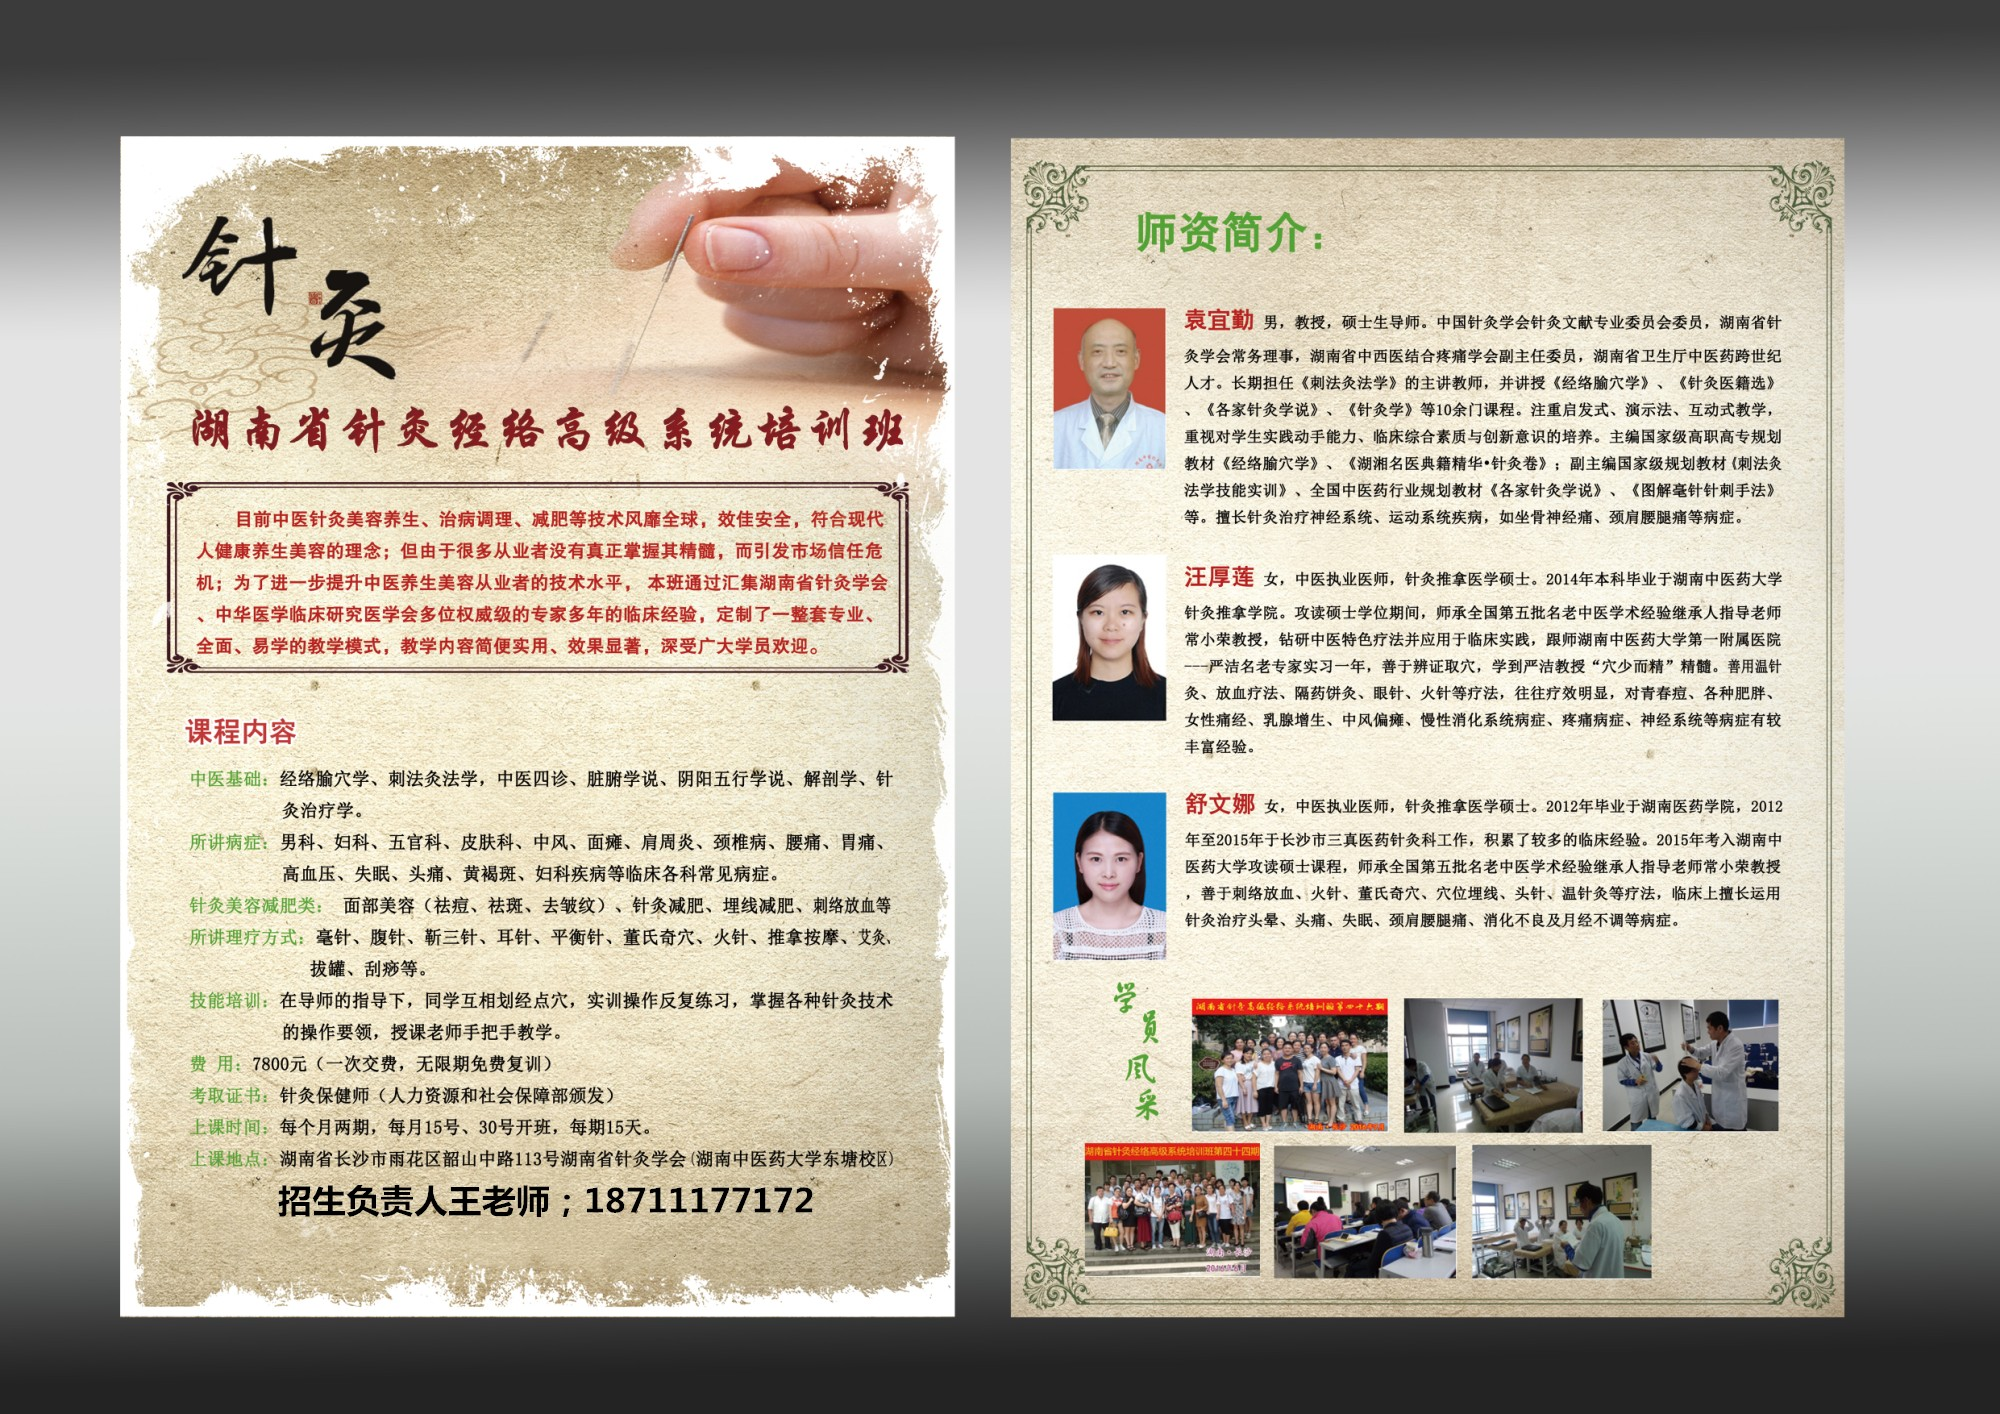 湖南中医药大学针灸推拿艾灸培训班全国招代